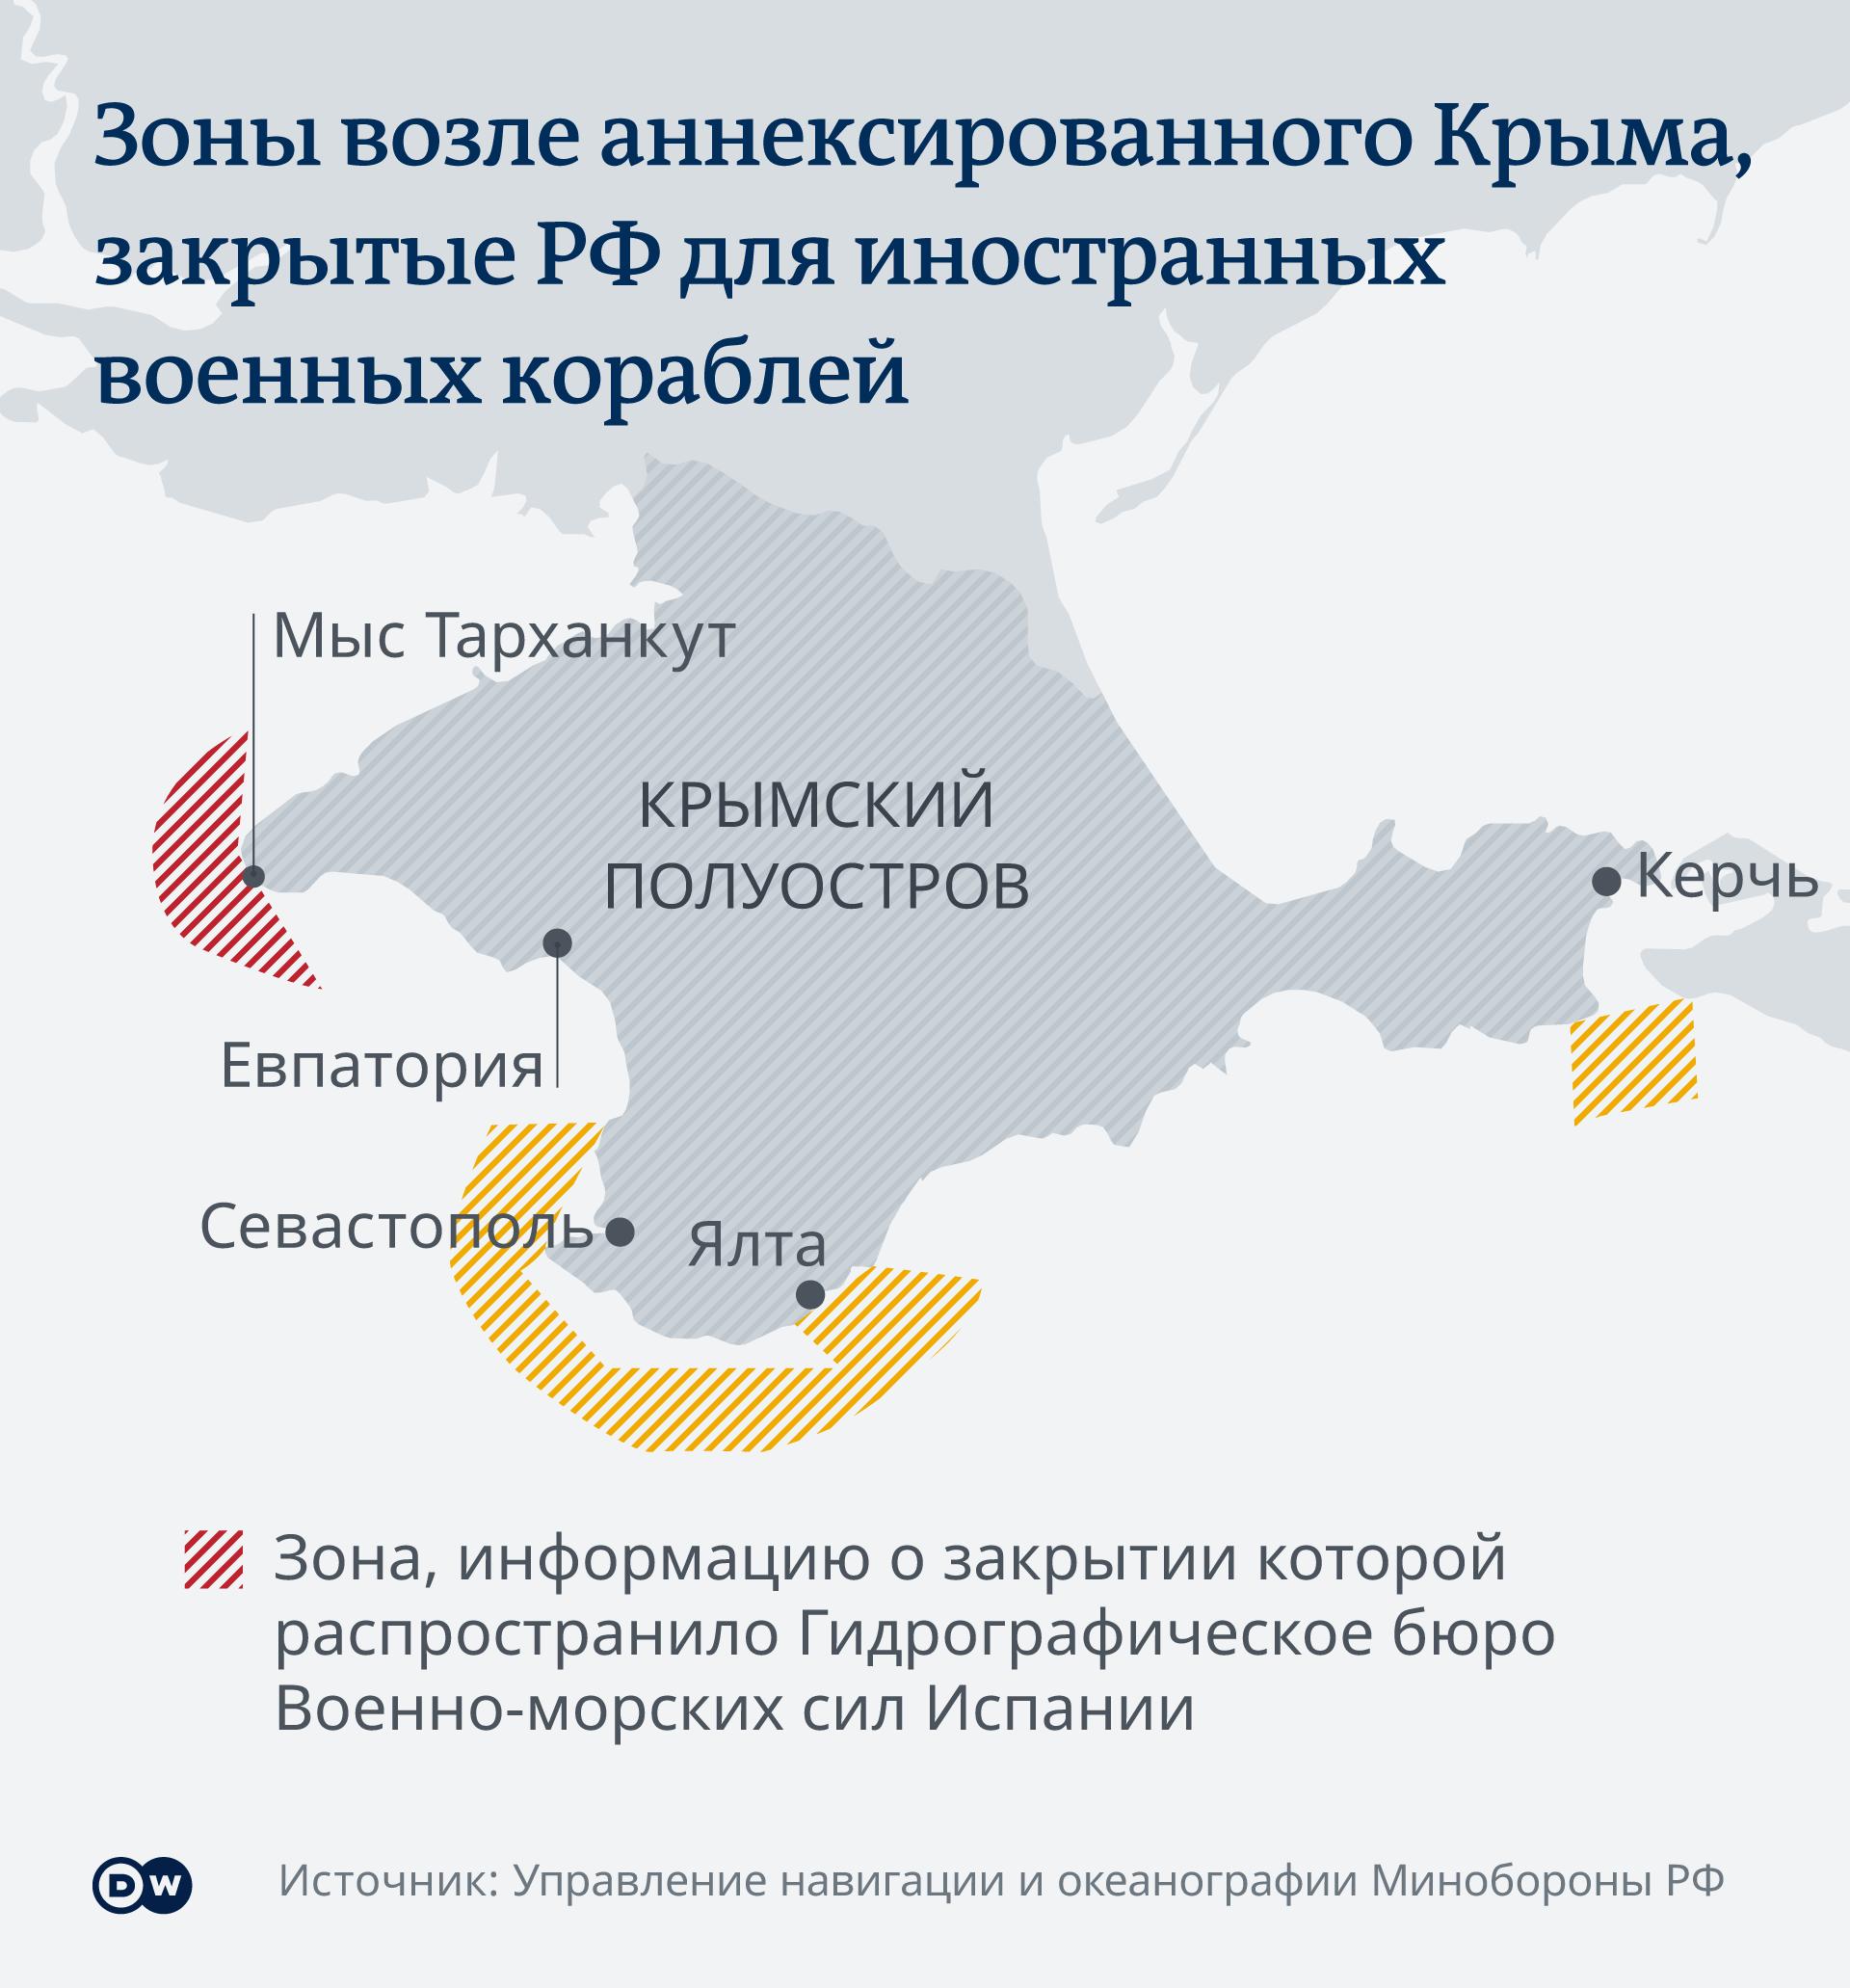 Зоны у побережья Крыма, закрытые для движения иностранных военных судов